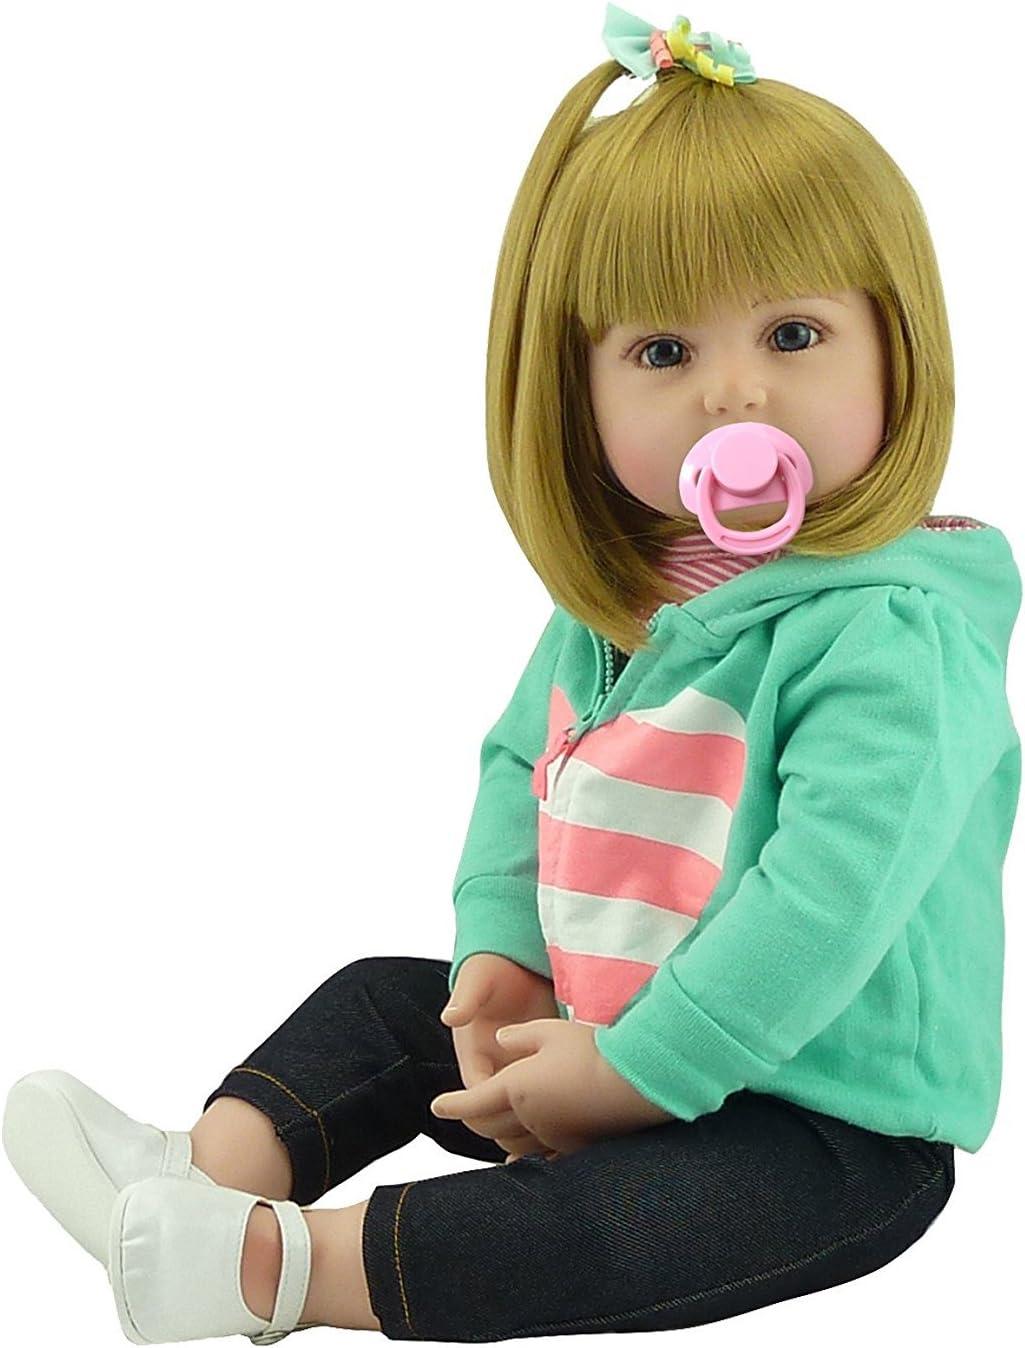 """Reborn Toddler 24/"""" Handmade Vinyl Silicone Baby dolls Lifelike Dolls Girl Gift"""